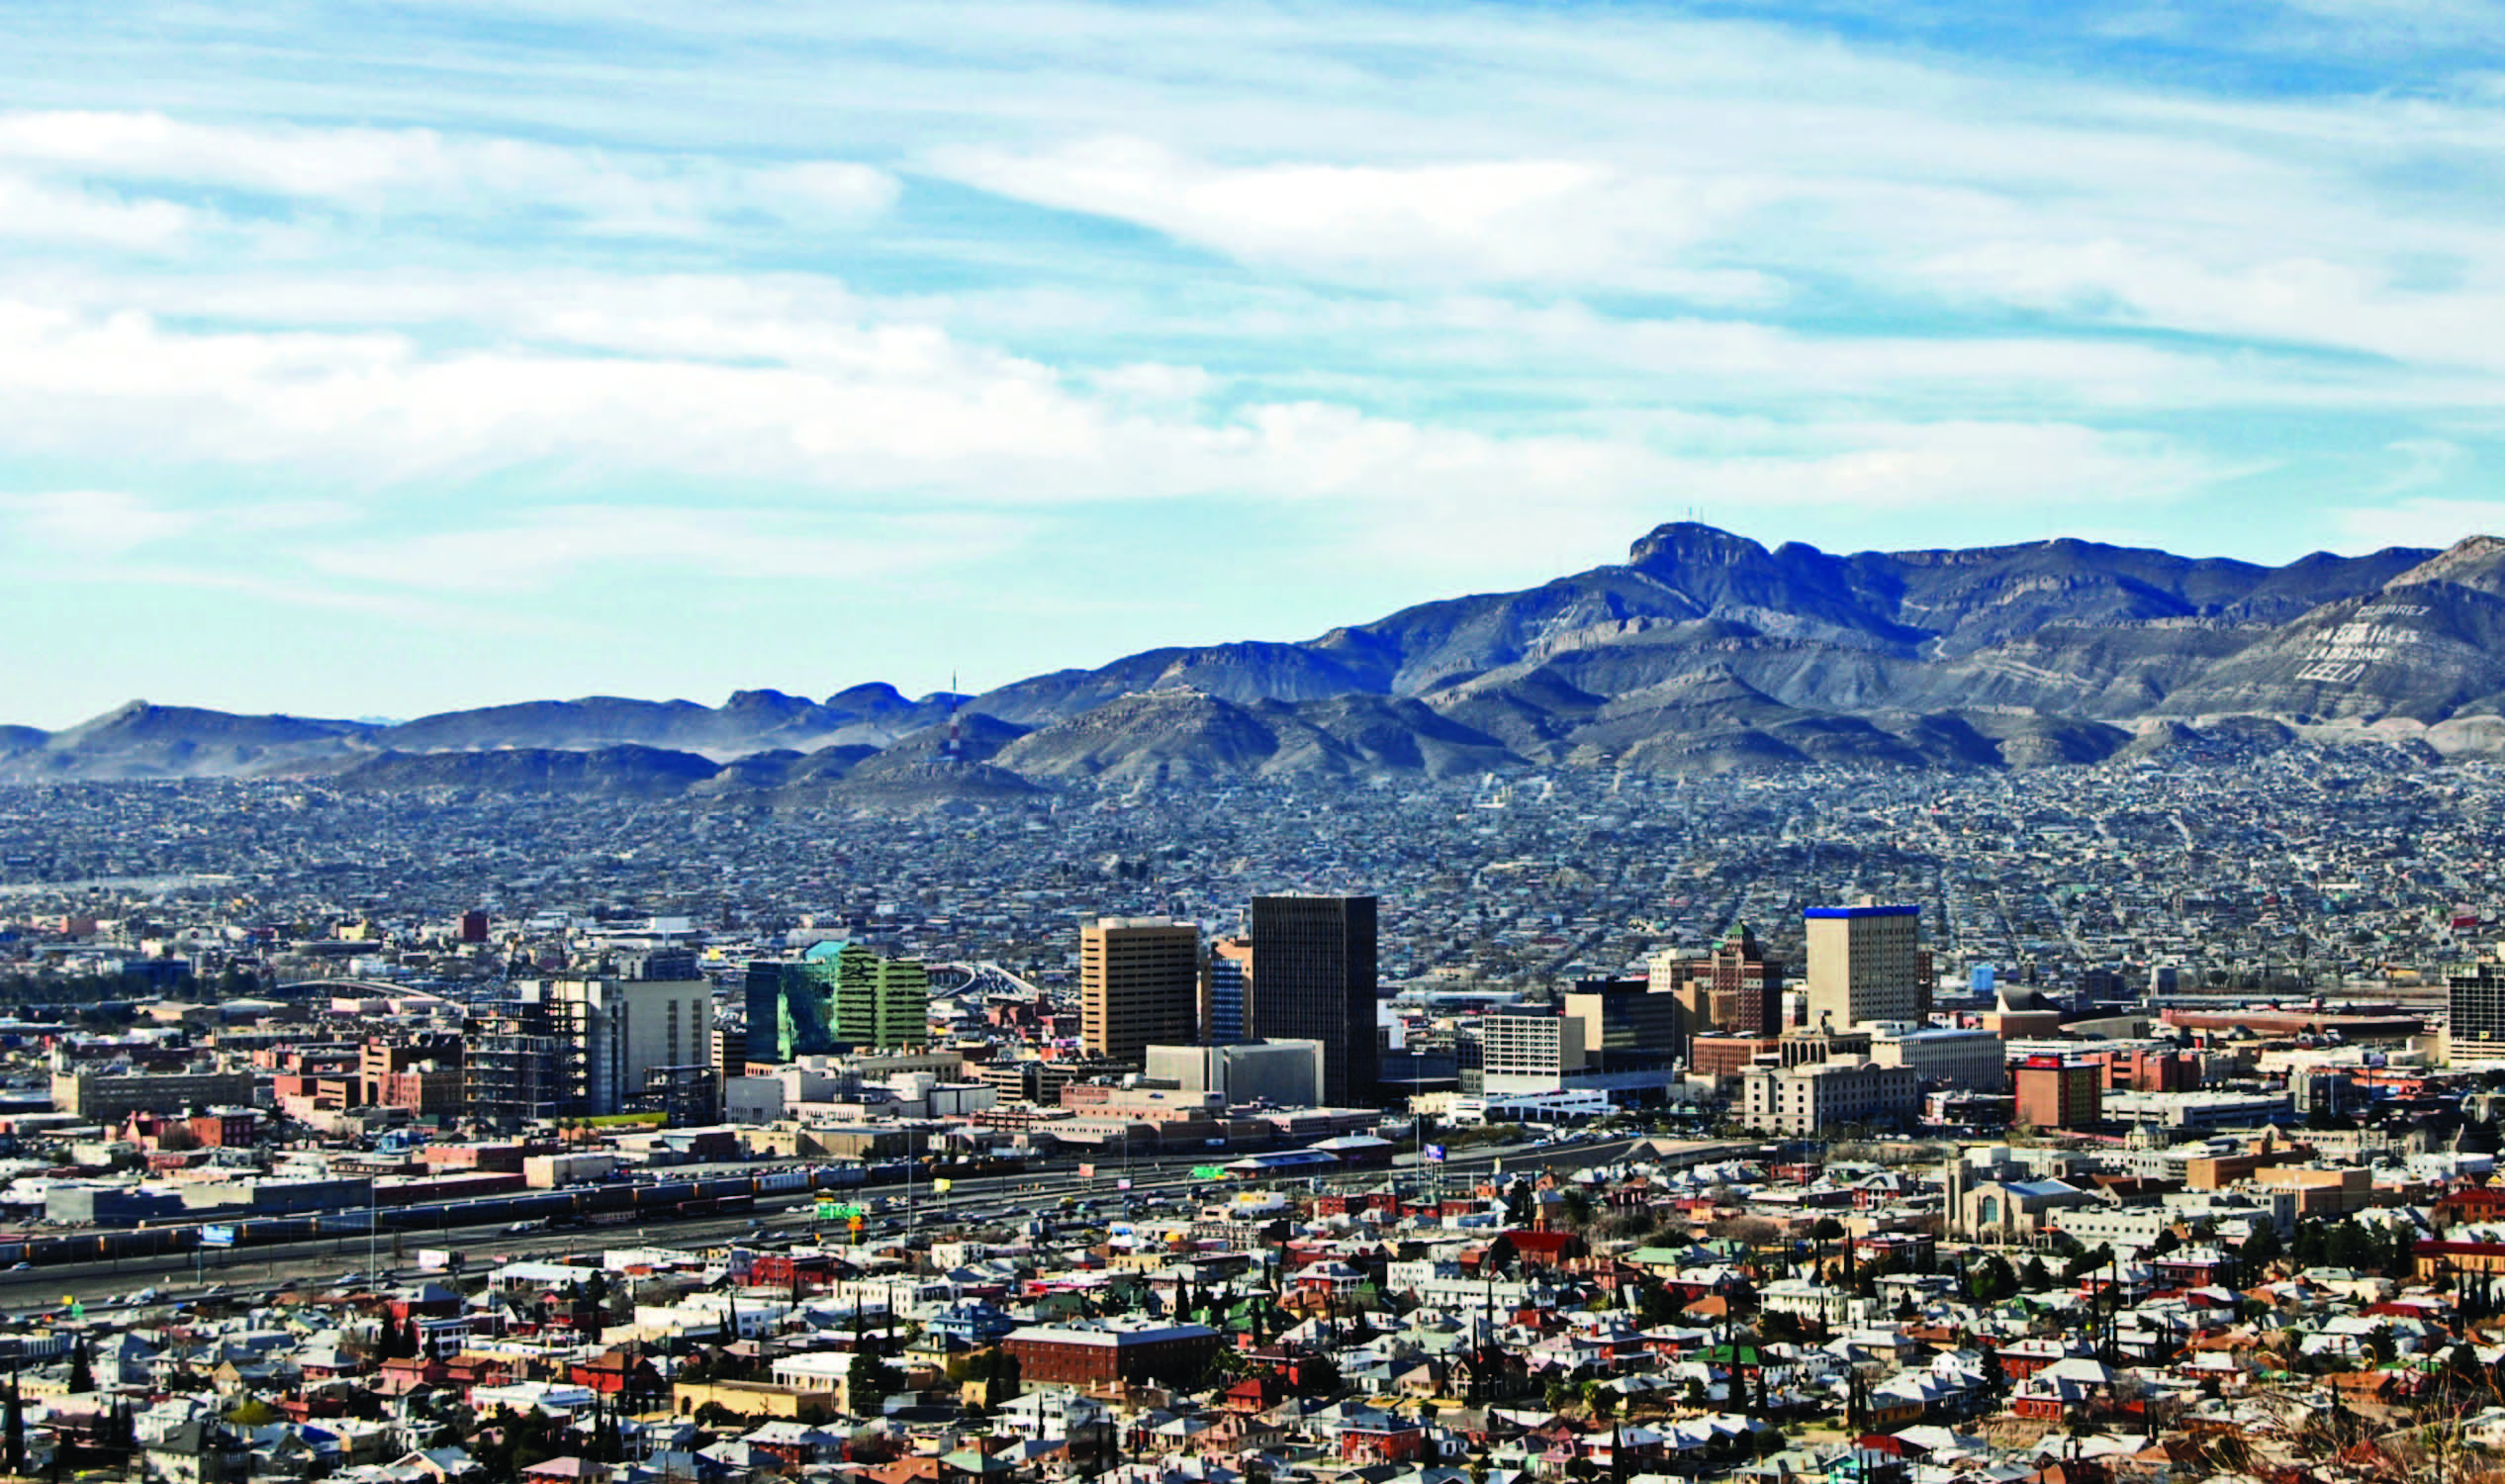 El Paso Breaking News The El Paso Explorer Offers the Latest News in El Paso, Texas